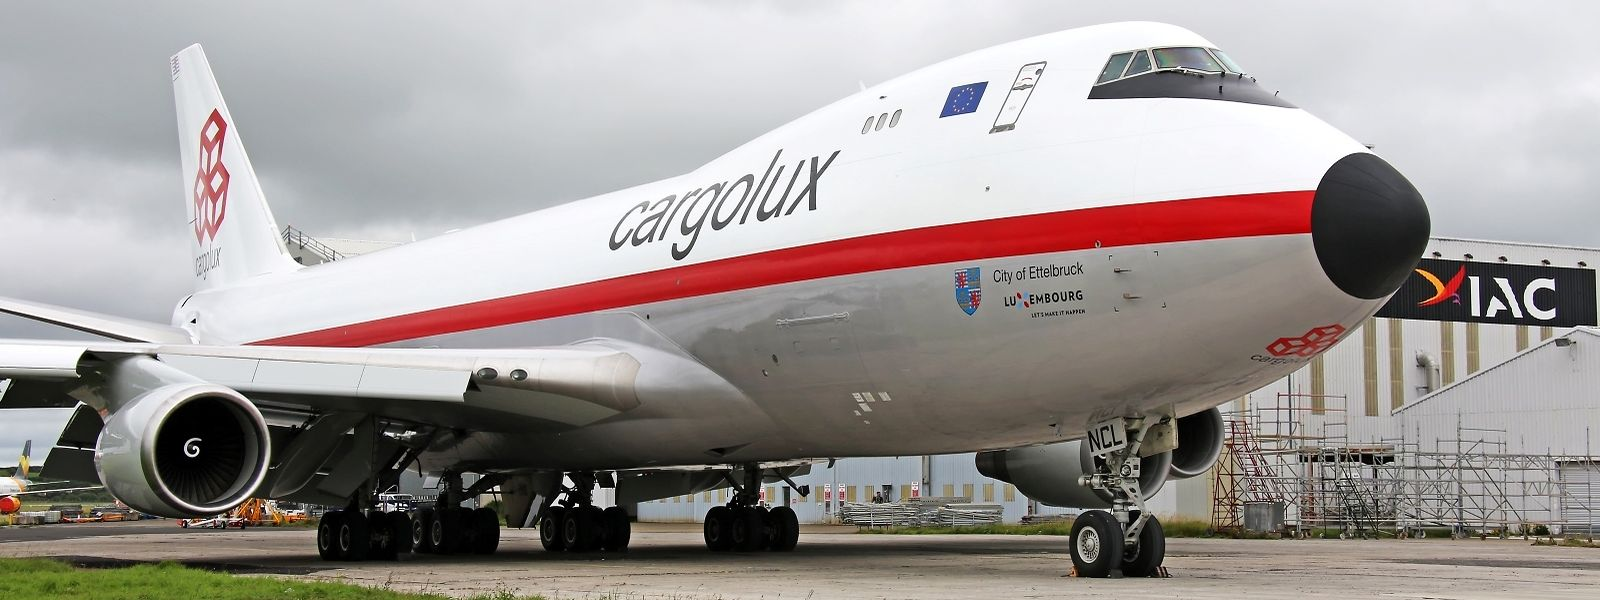 Die 747-400ERF im Retro-Look der 1970er Jahre.